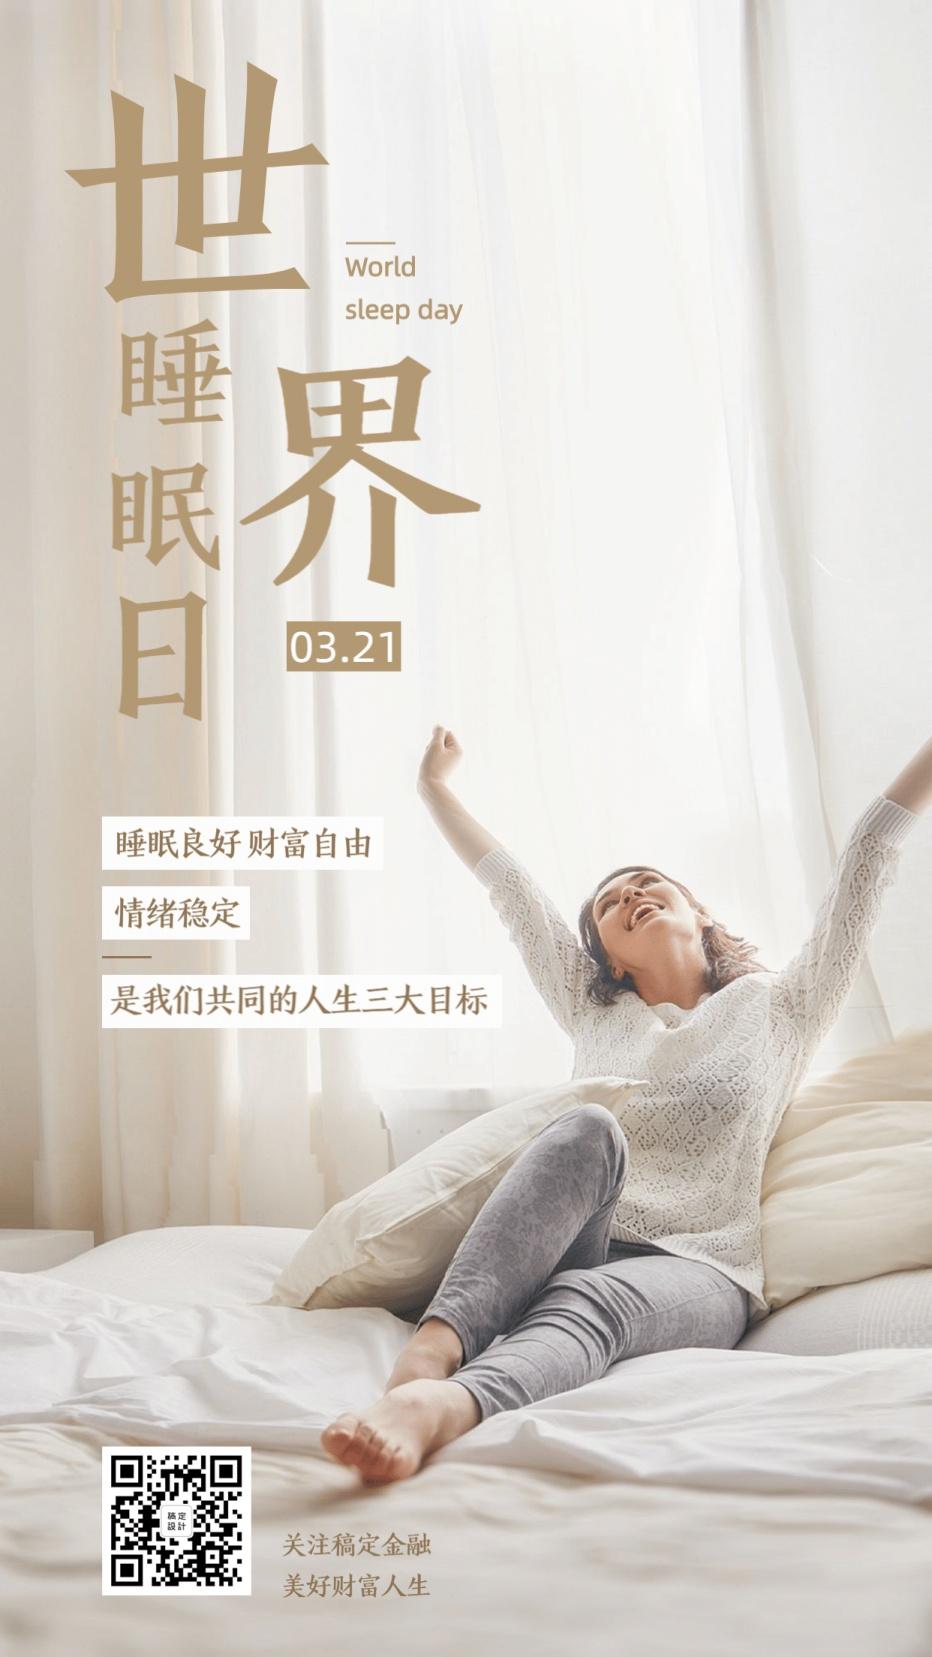 世界睡眠日简洁商务手机海报